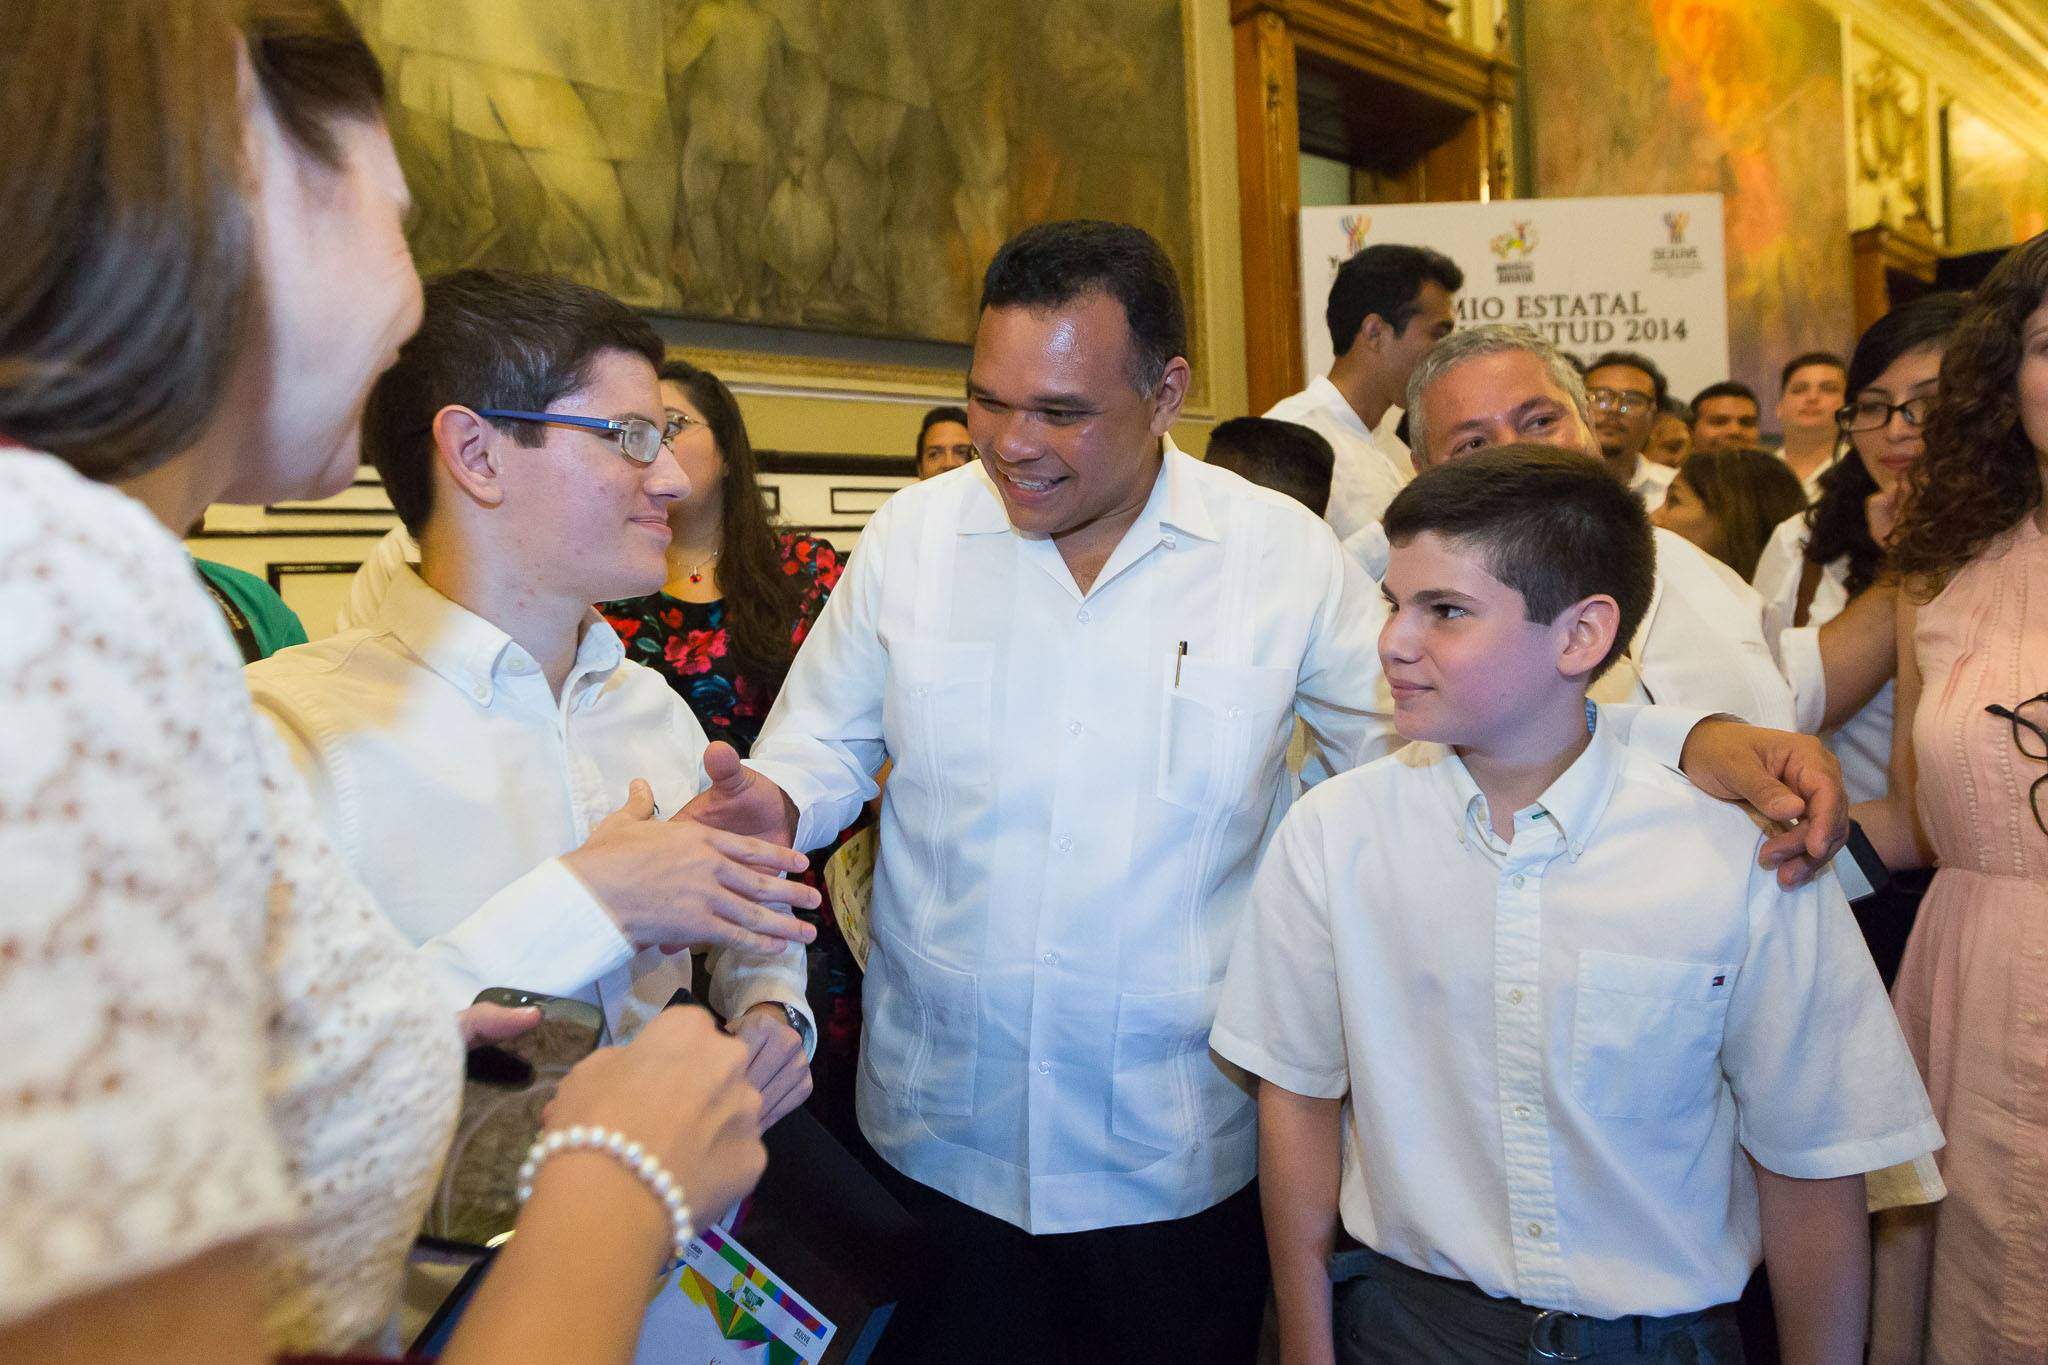 Luis Xavier Ramos Tormo y familia, saludando a RZB.  Xavier Ramos|Olímpico matemático que fue aceptado en el Massachusetts Institute of Technology (MIT)